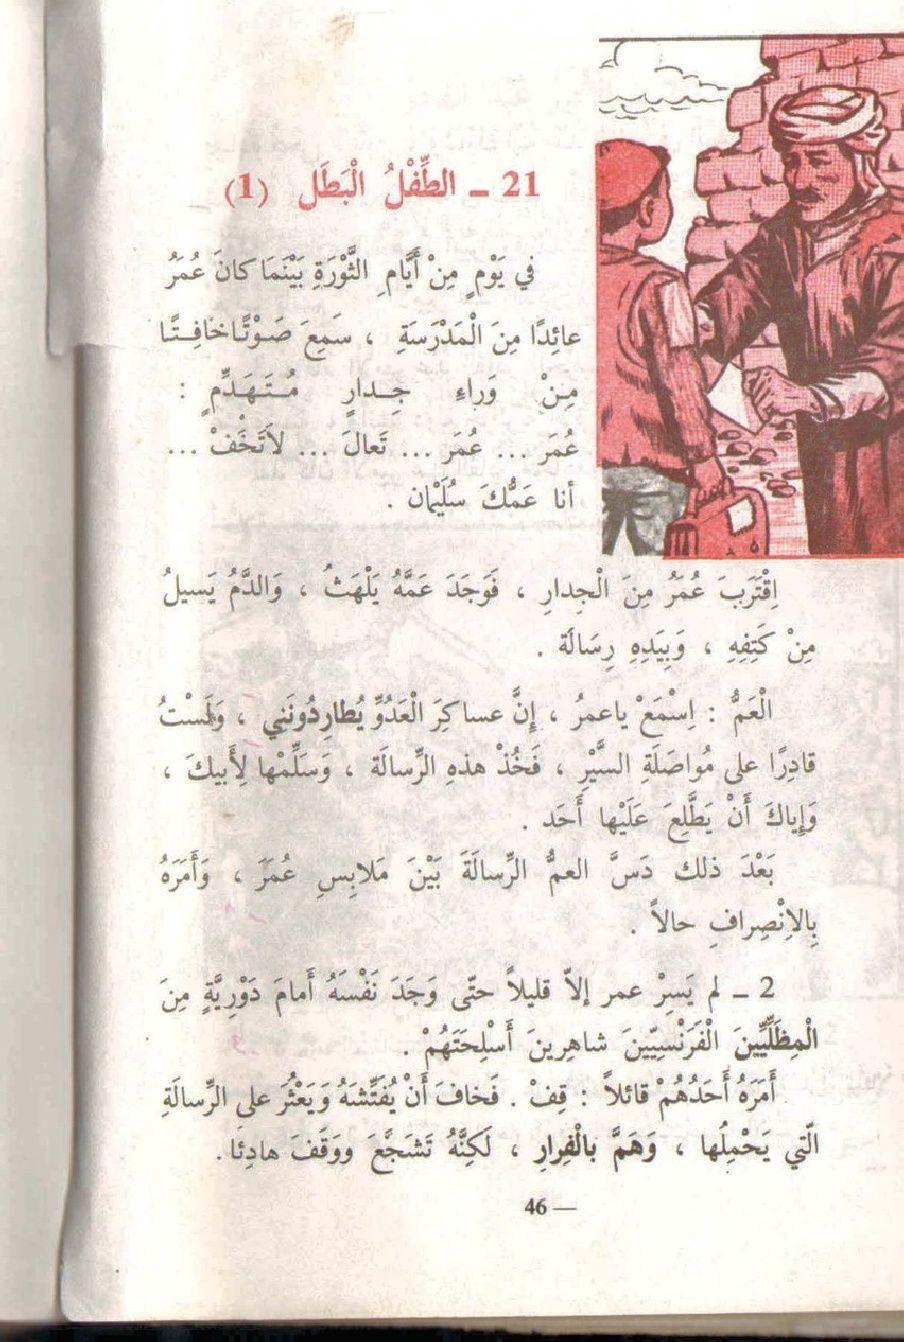 1980 1990 كتاب القراءة السنة الرابعة أساسي الجزائر نظام قديم تسعينيات الطفل البطل 001 Arabic Lessons Arabic Books Learning Arabic